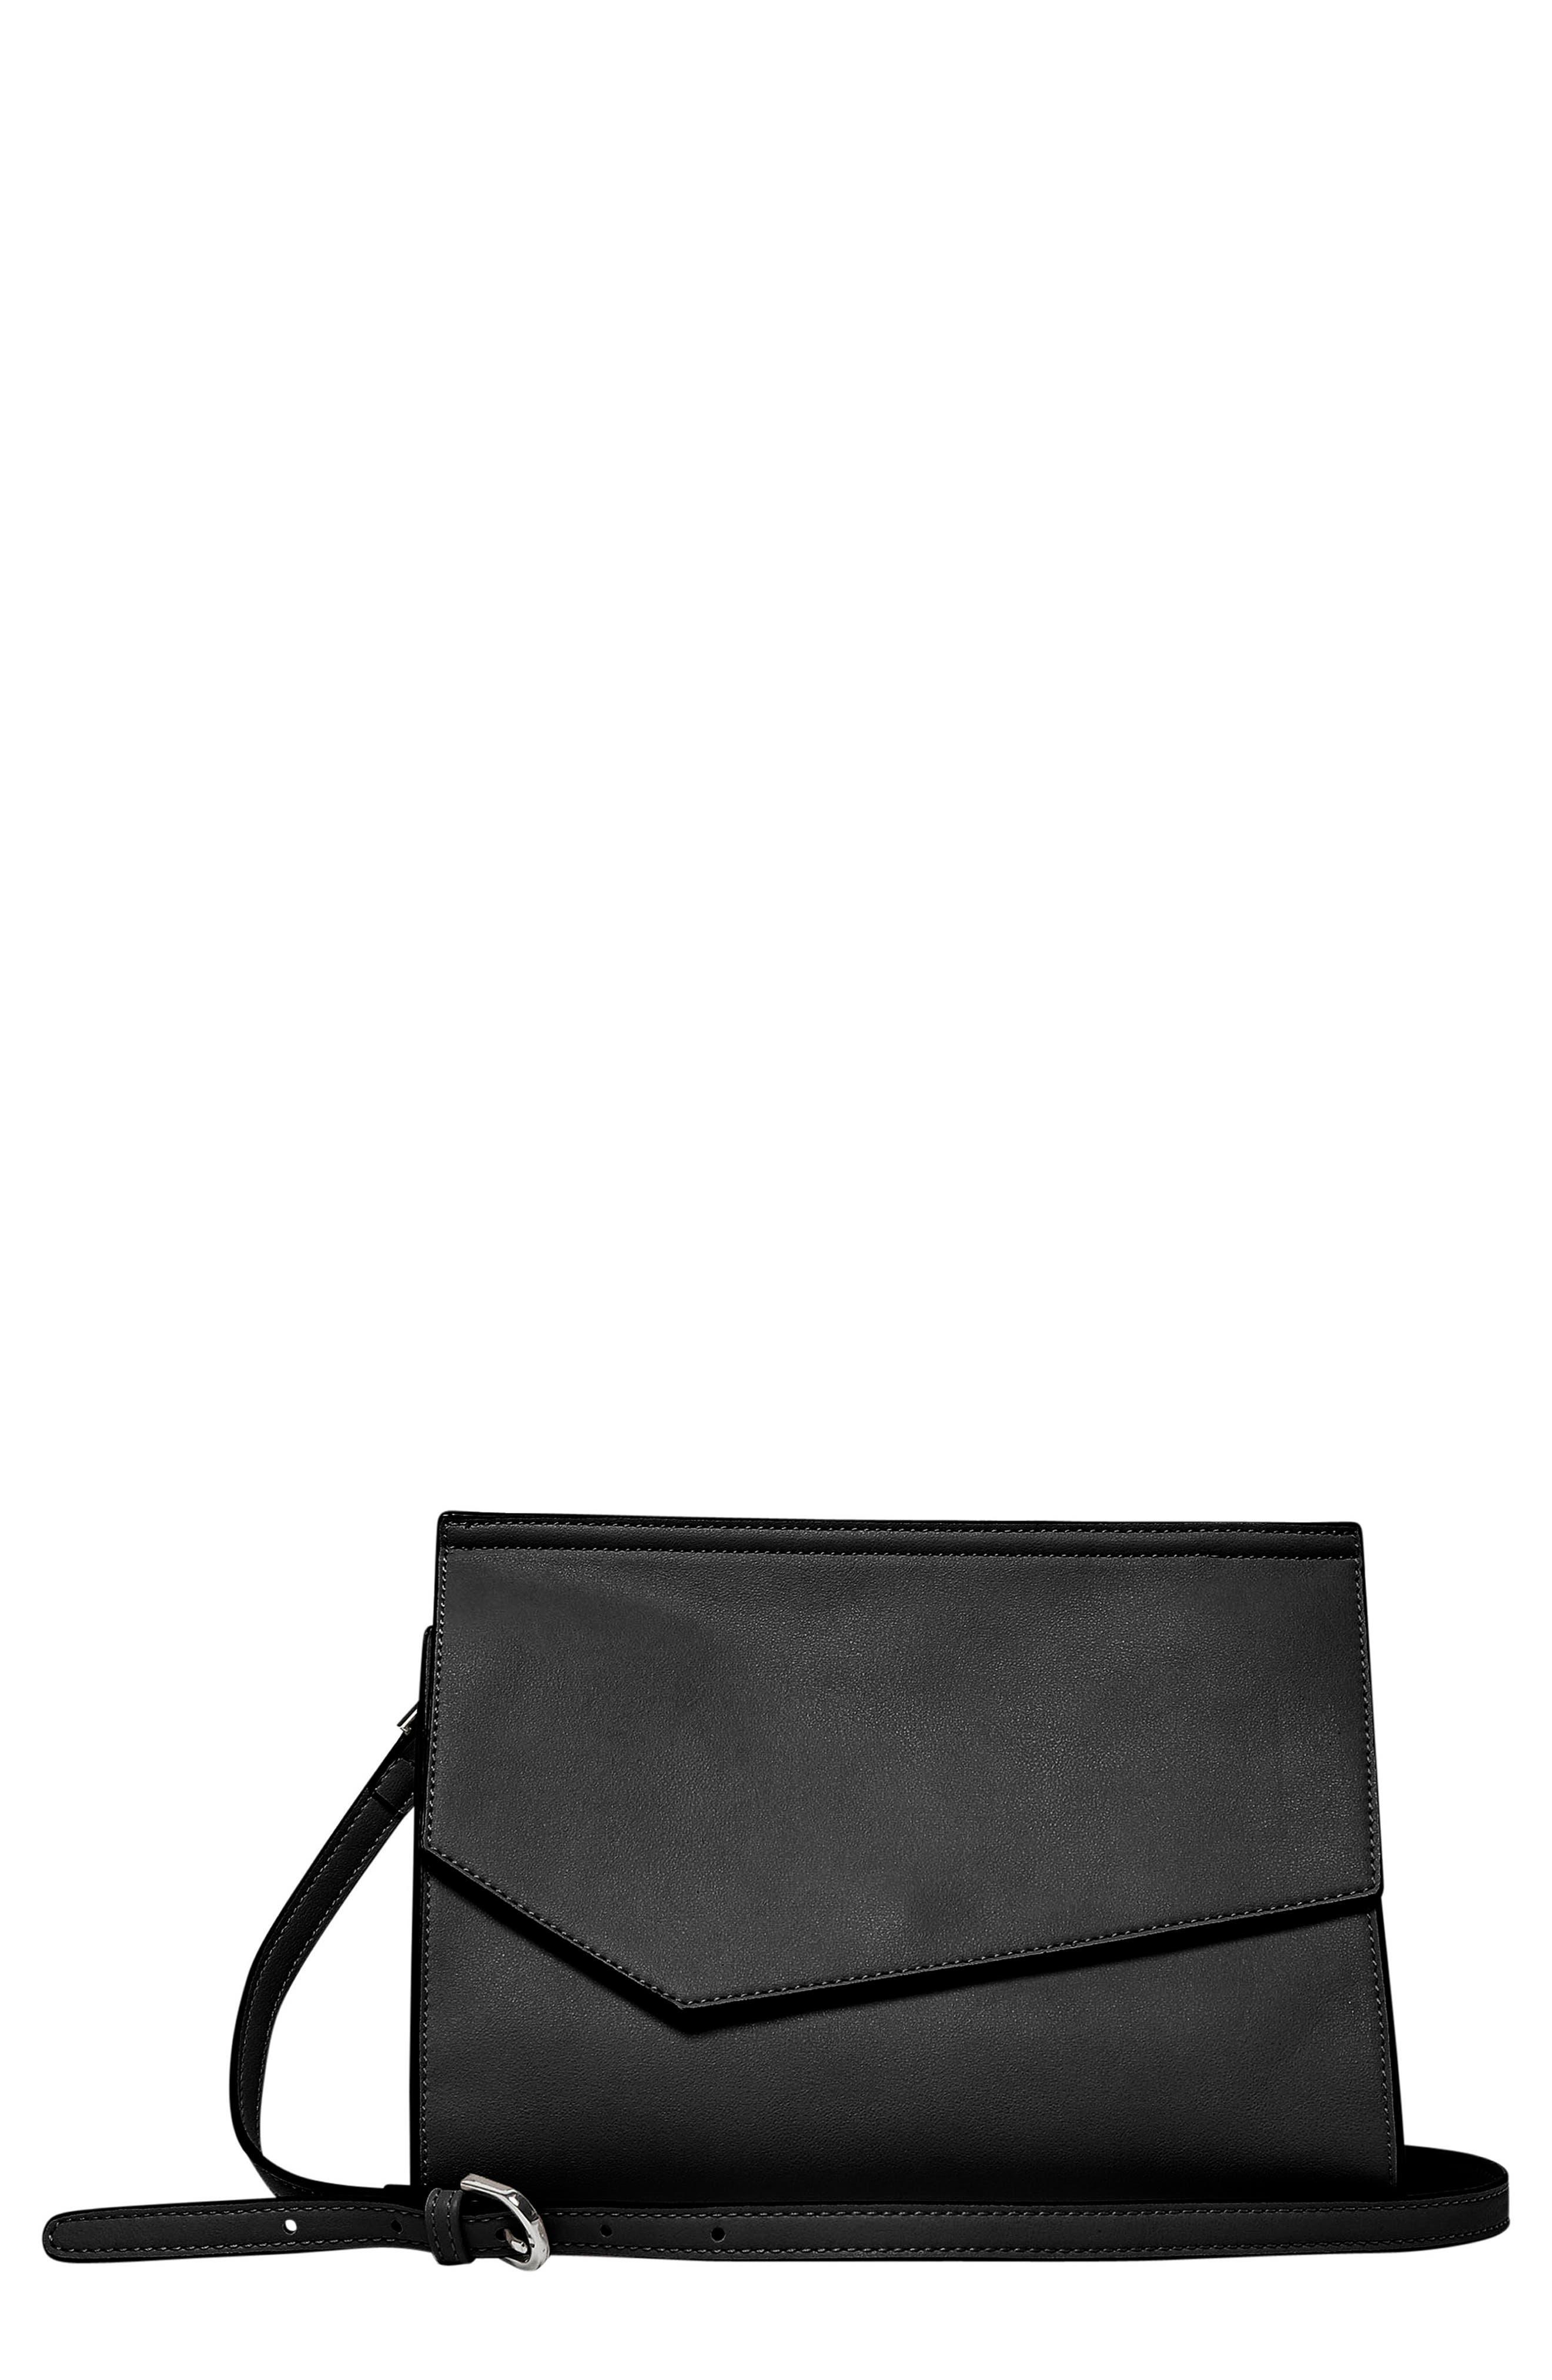 Alternate Image 1 Selected - Urban Originals Shimmer Vegan Leather Shoulder Bag